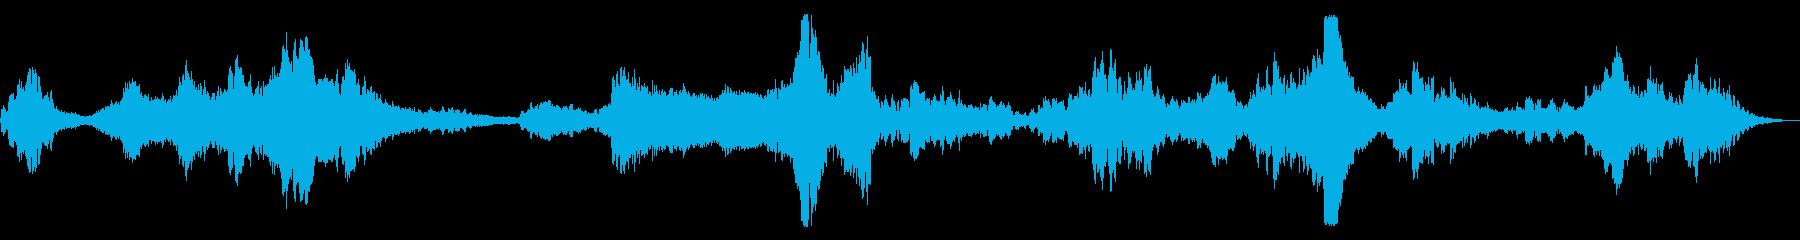 コンピュータビープ音大気宇宙ステーションの再生済みの波形